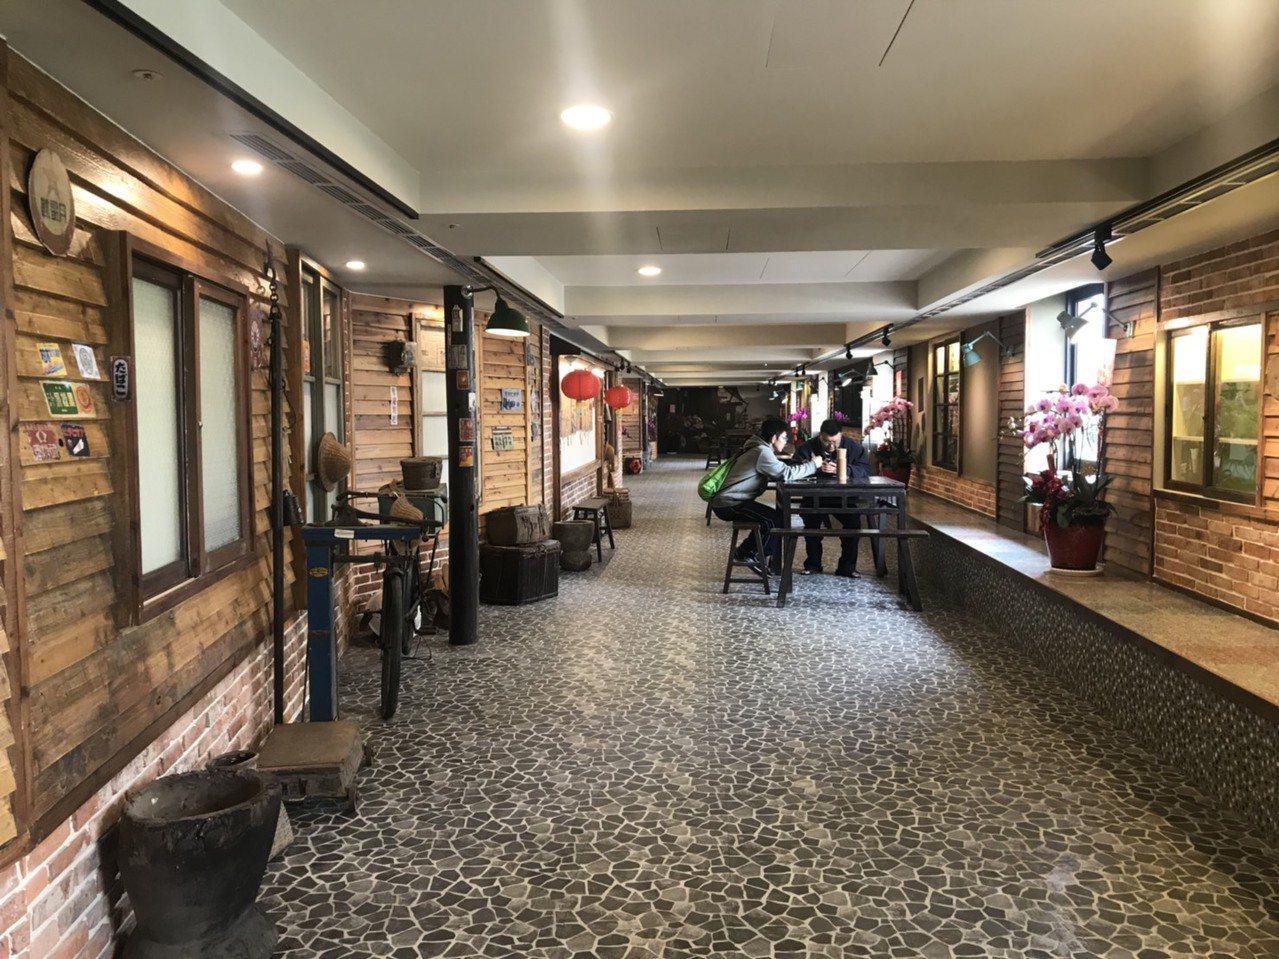 裝修時也保留了延平戲院的一些放映設備與水泥牆等,同時院內還有類似像是「柑仔店」的...